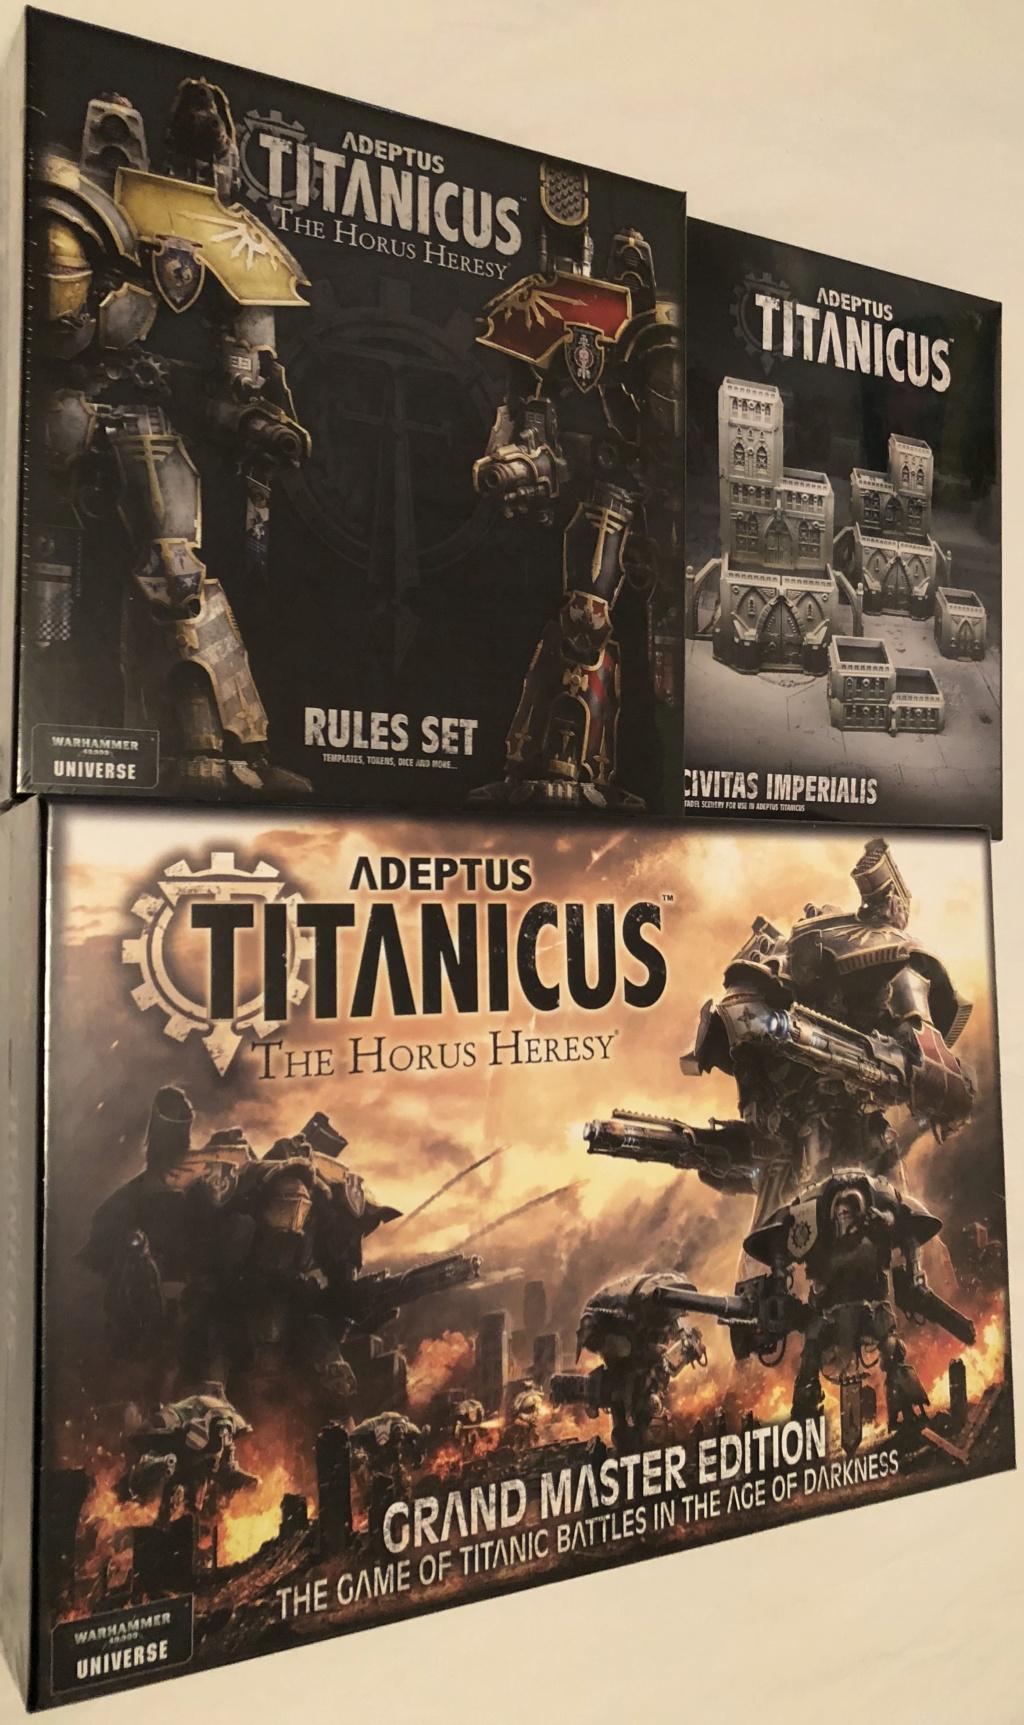 ADEPTUS TITANICUS débarque aux Arpenteurs  0650b210